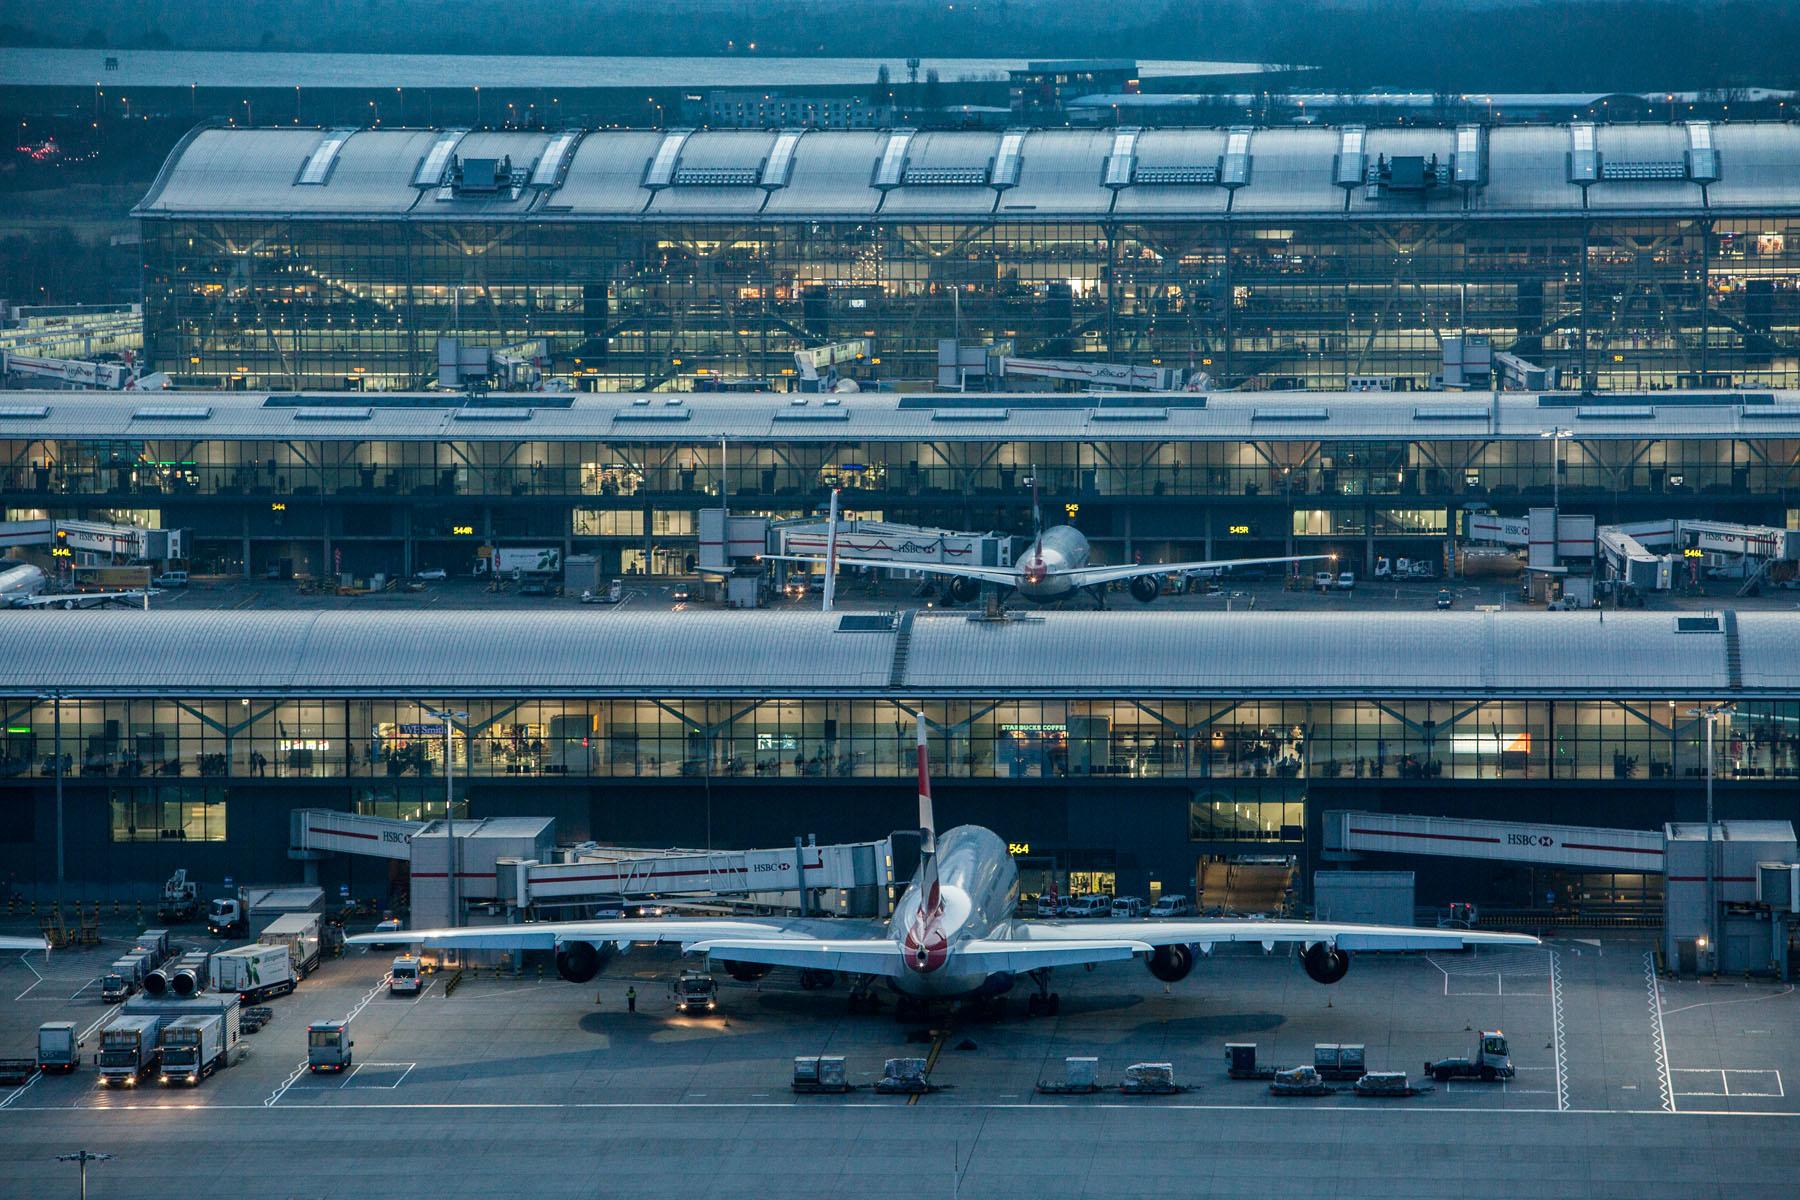 Fem af verdens flyruter med den største omsætning er til og fra London Heathrow; her er det Terminal 5. Pressefoto: Anthony Charlton for London Heathrow Airport.